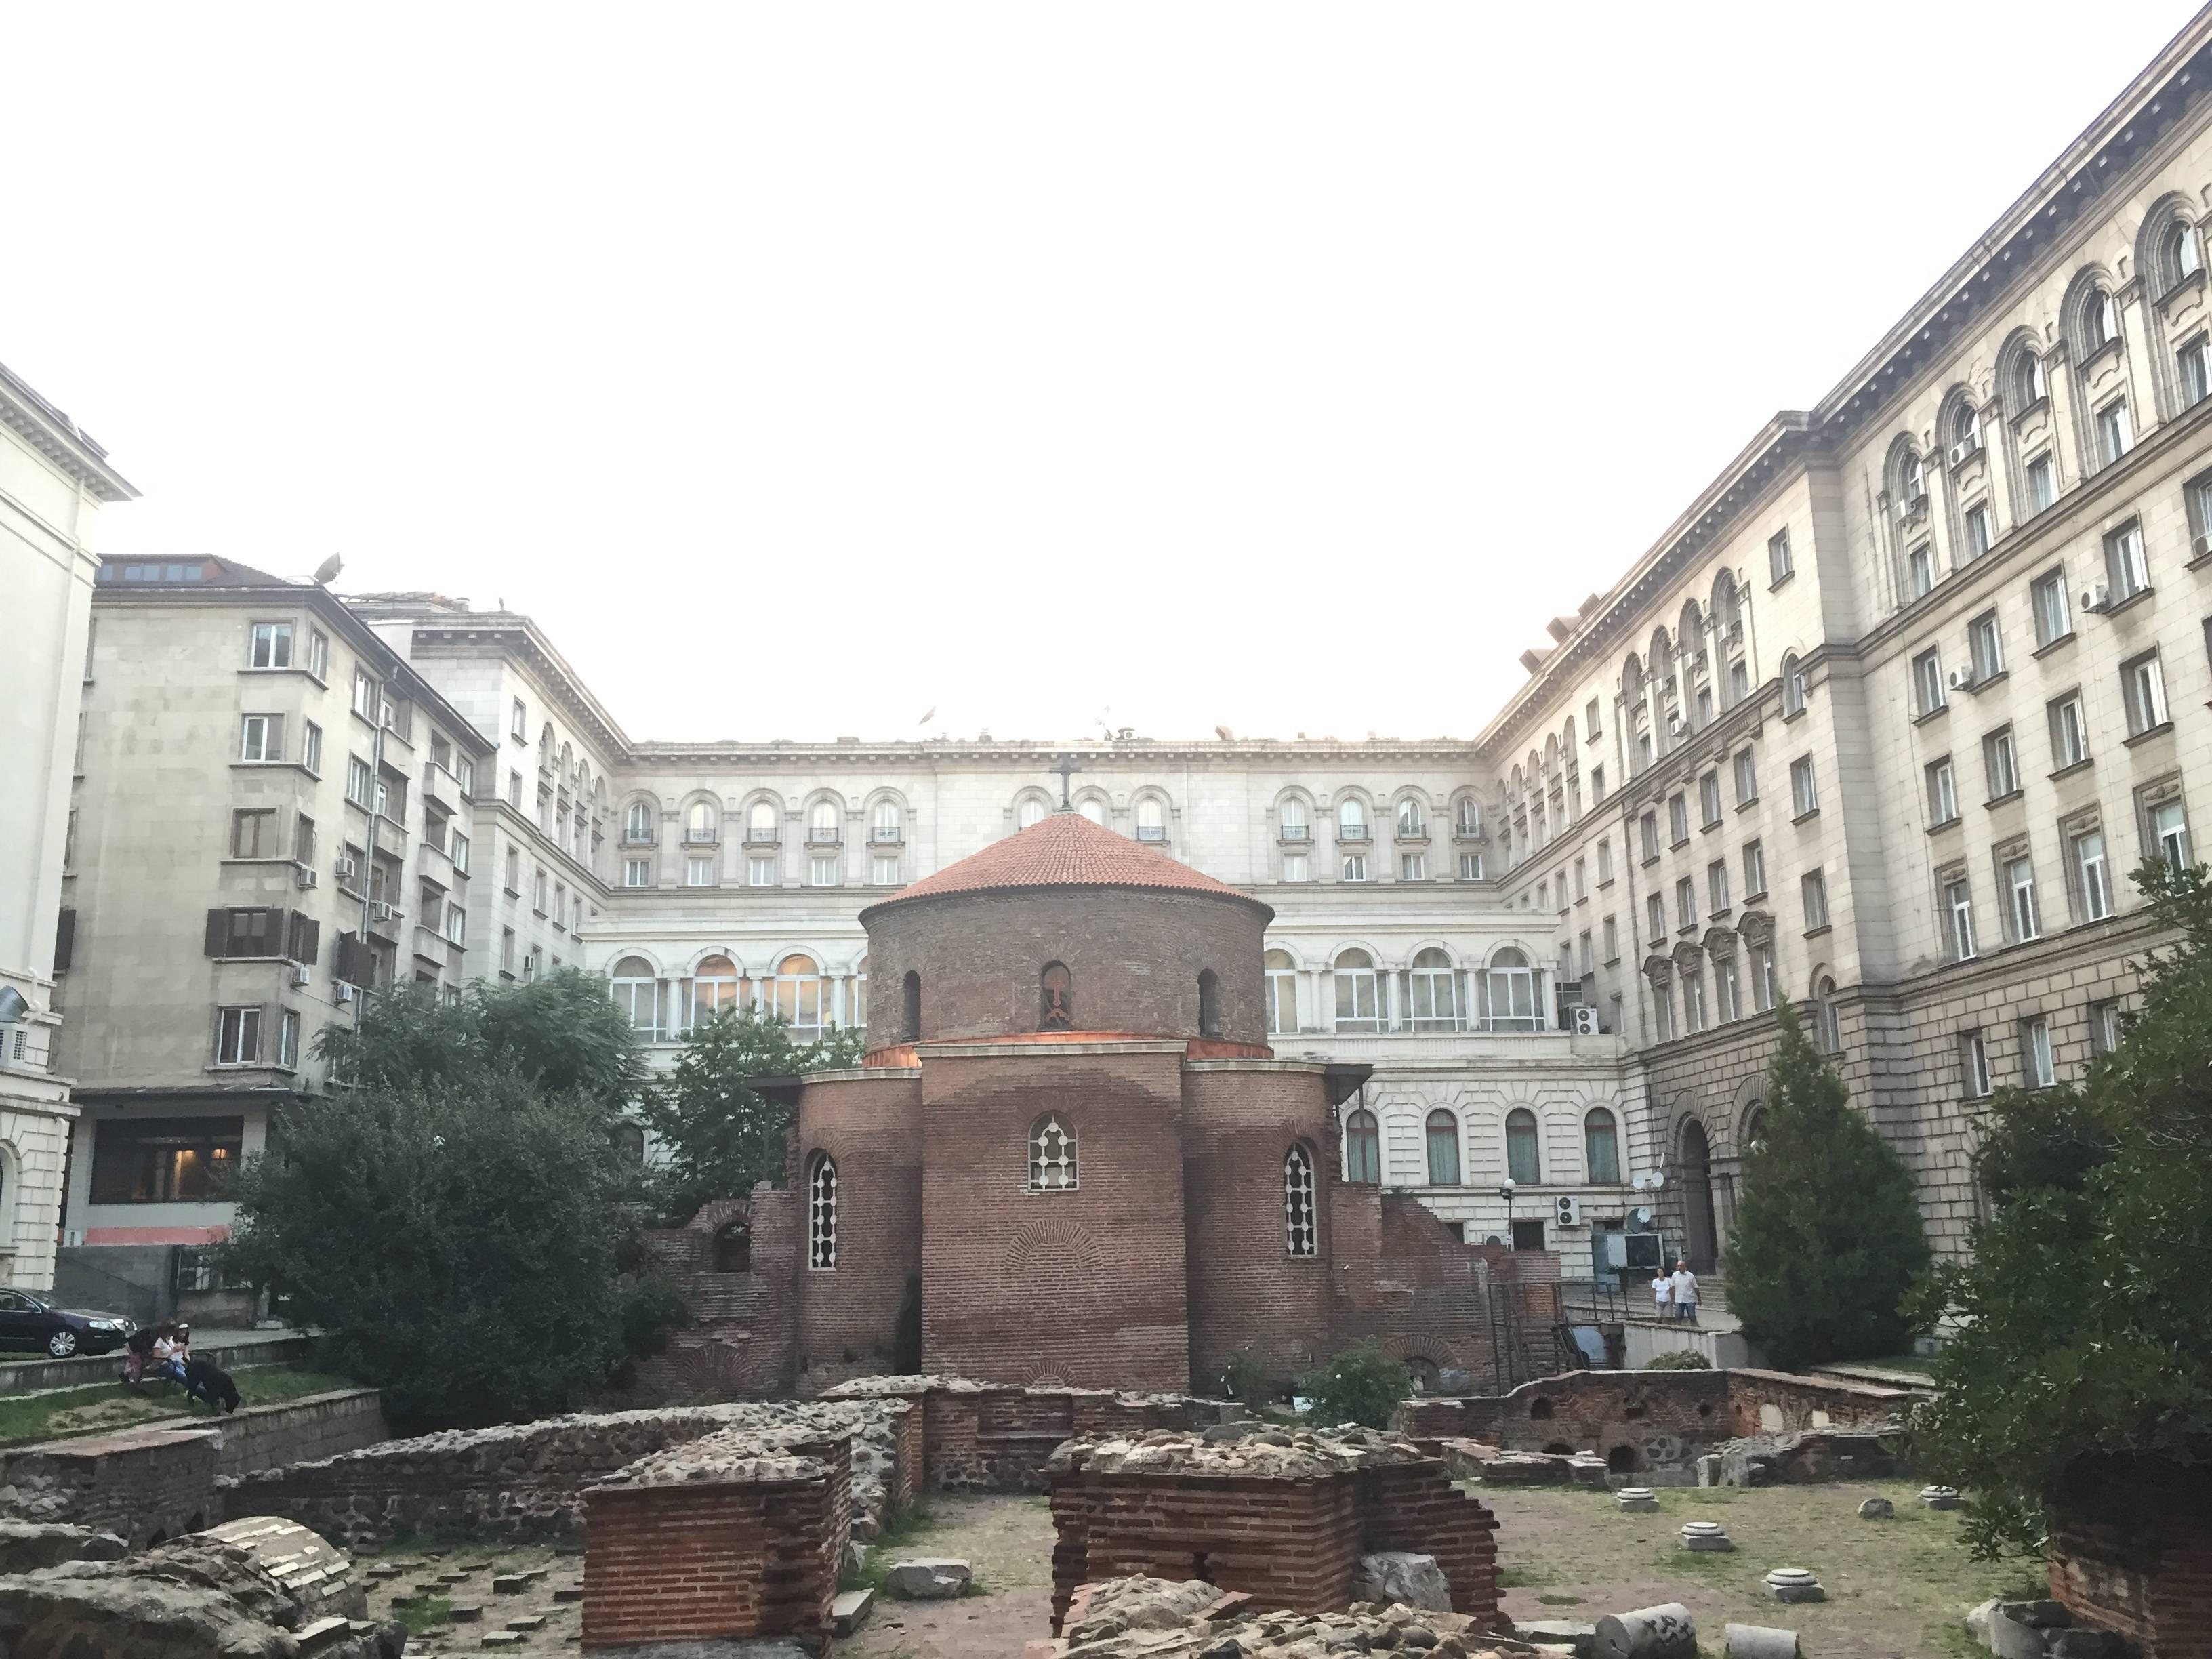 Photo 3: Sofia, capitale de la Bulgarie boudée des voyageurs